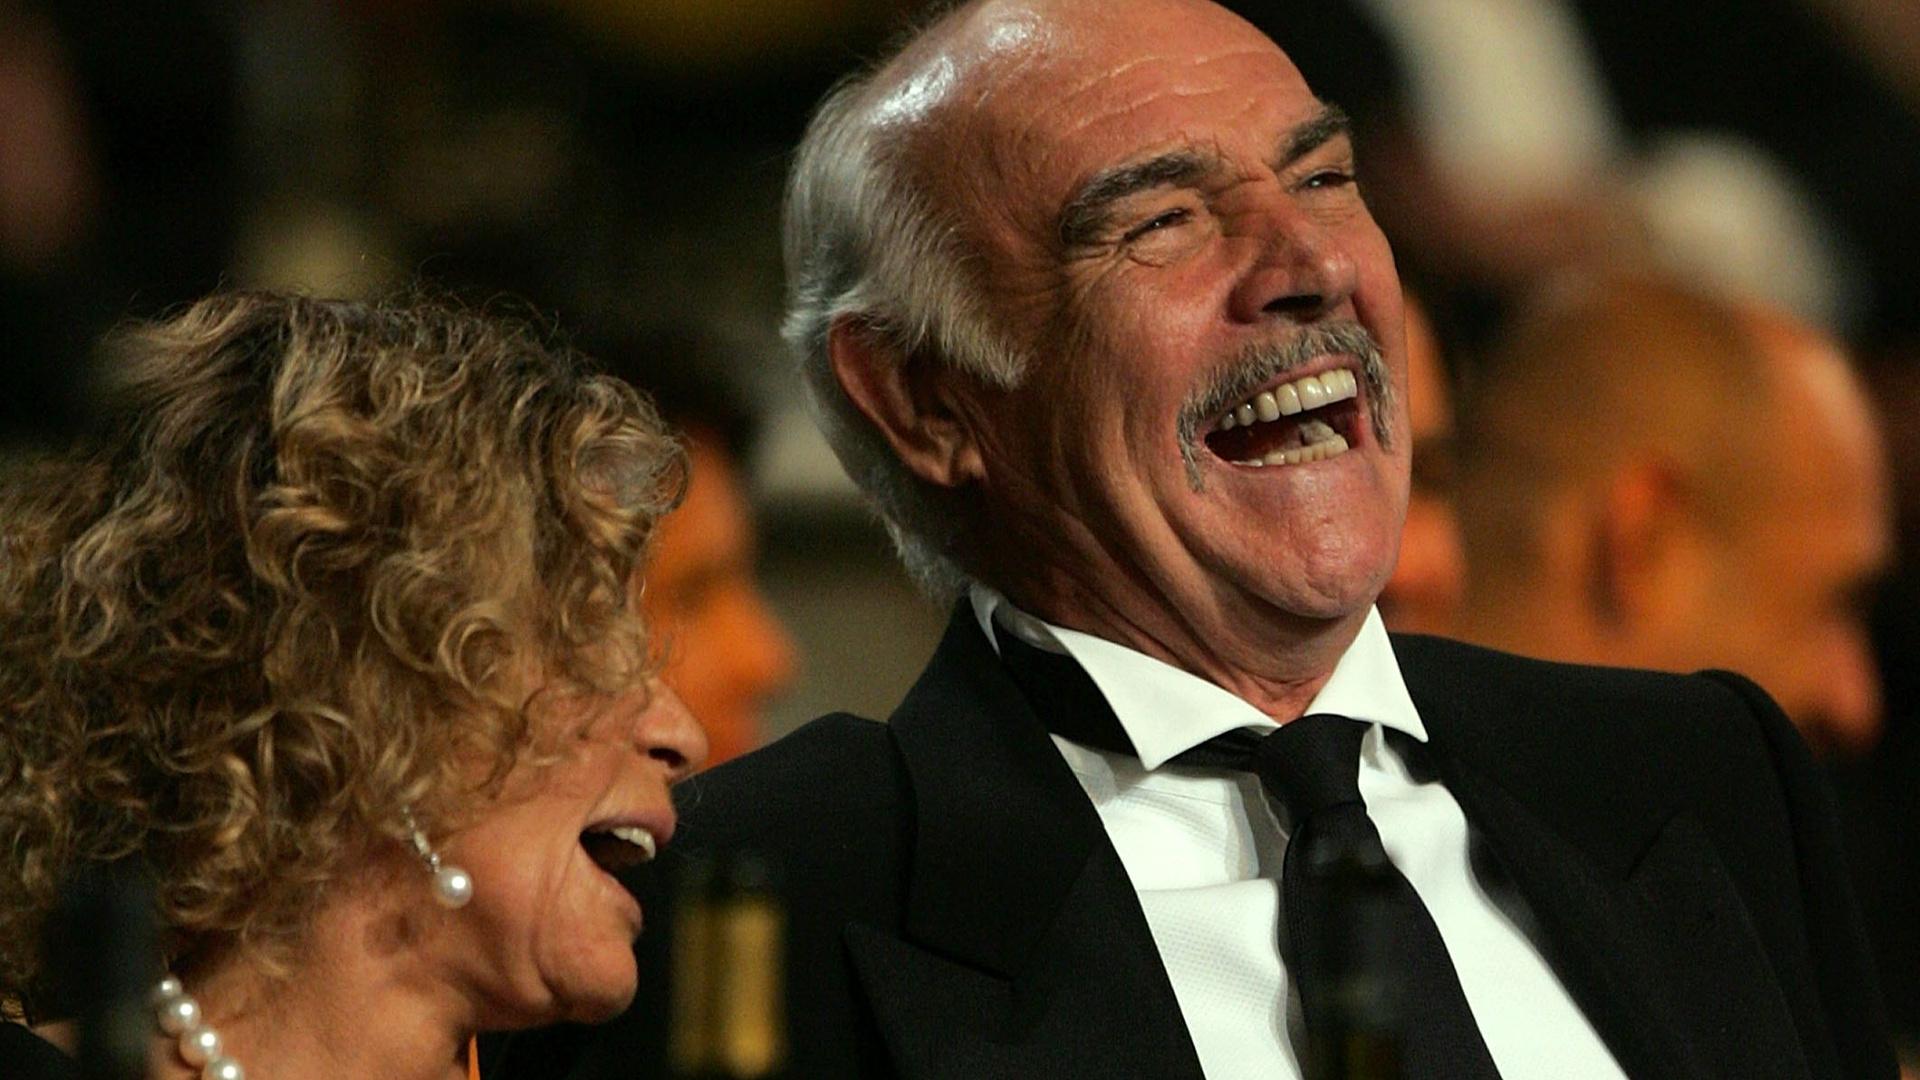 Sean Connery demenciában szenvedett, utolsó hónapjaiban már képtelen volt kifejezni magát